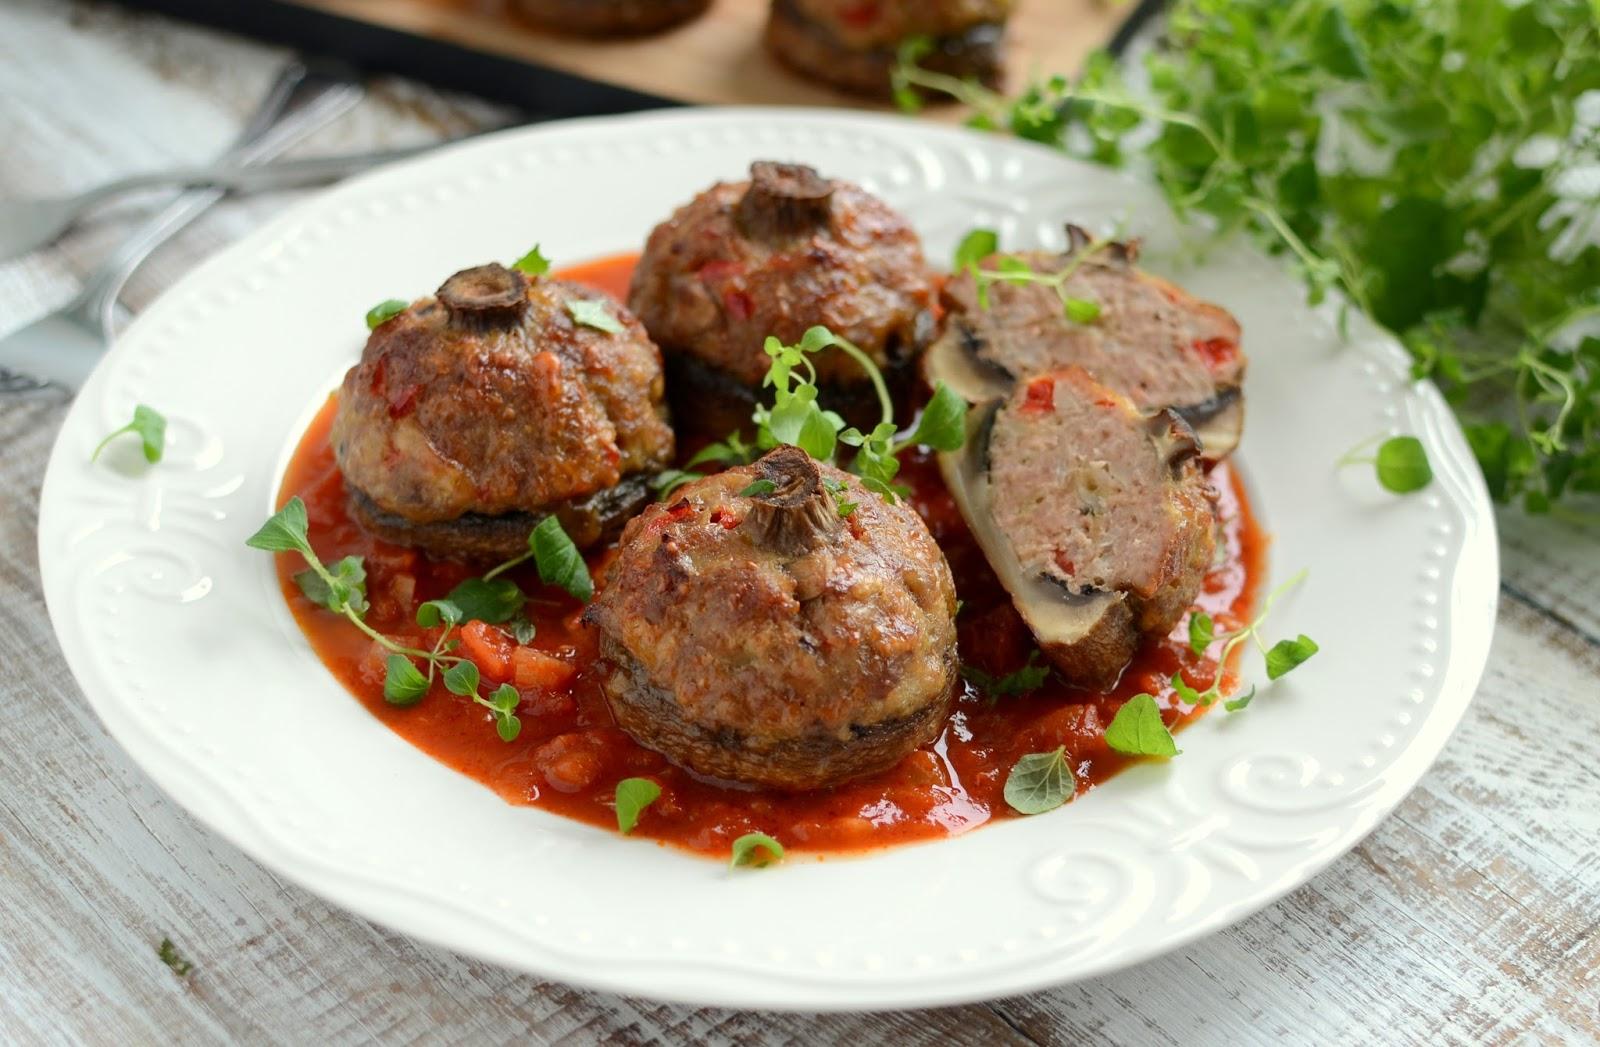 pieczarki faszerowane mięsem mielonym z sosem pomidorowym